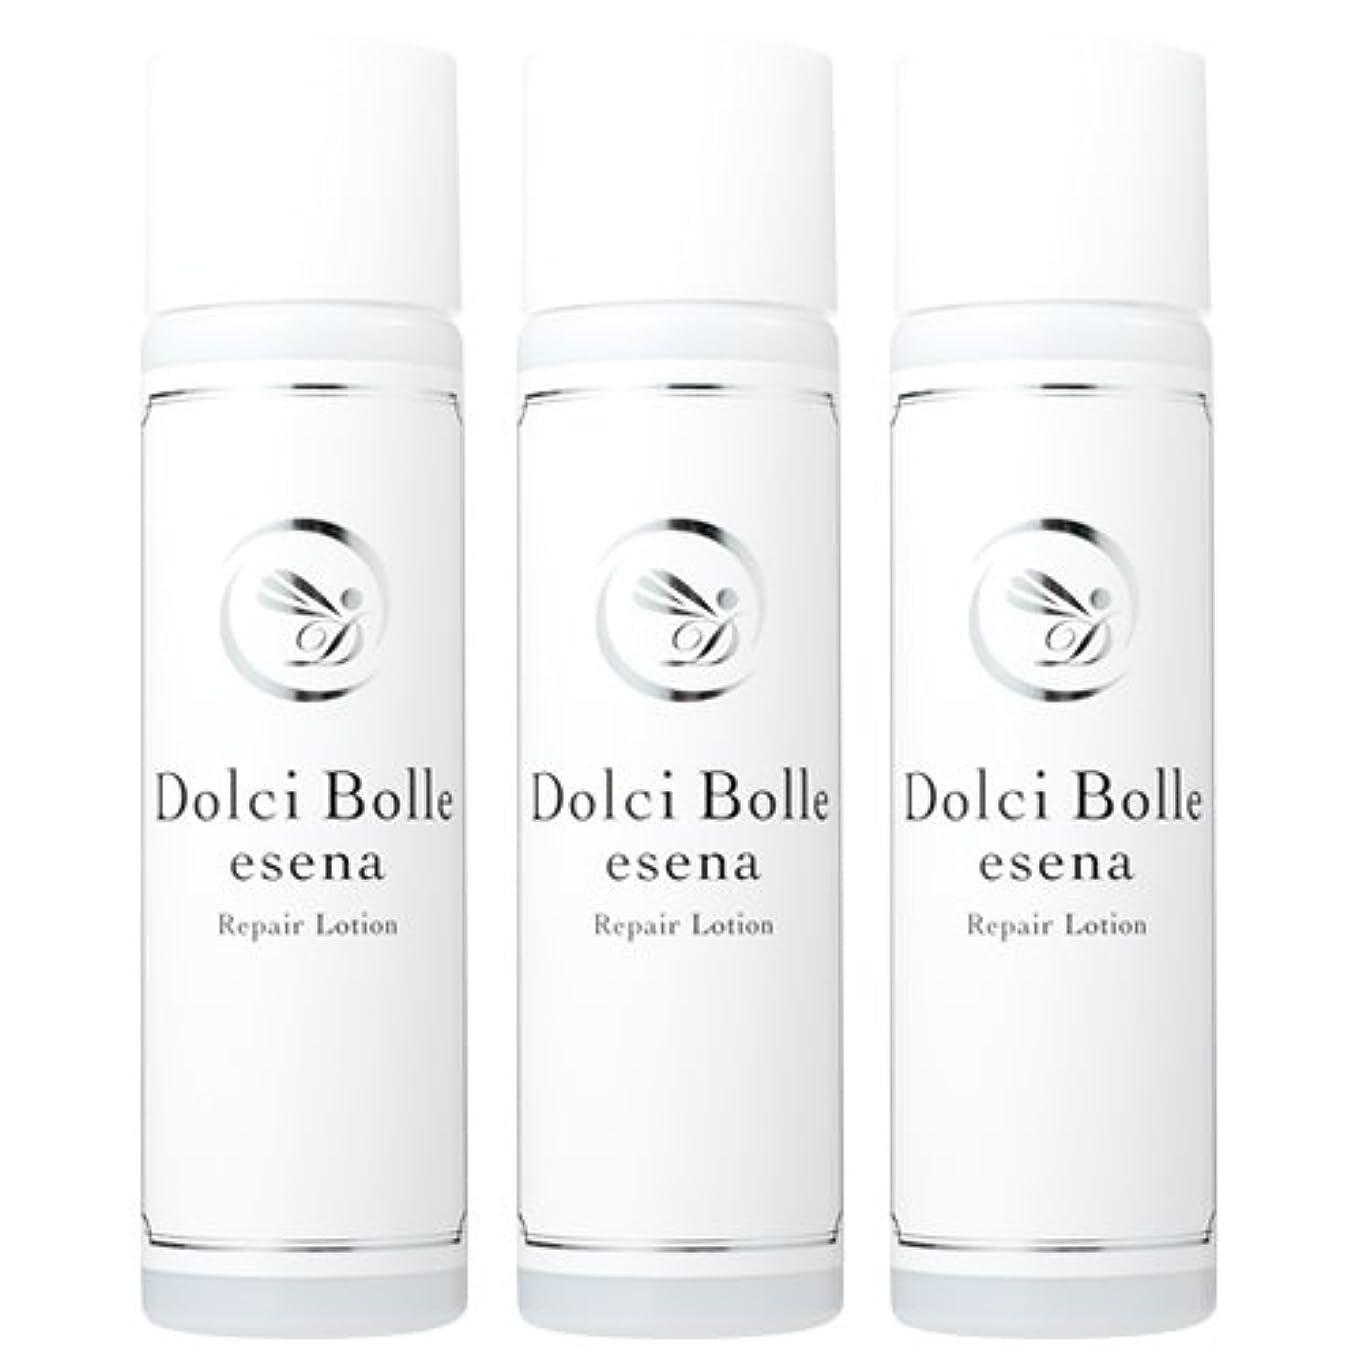 輸送ダンス聖域Dolci Bolle(ドルチボーレ) esena(エセナ) リペアローション 150ml 3本セット